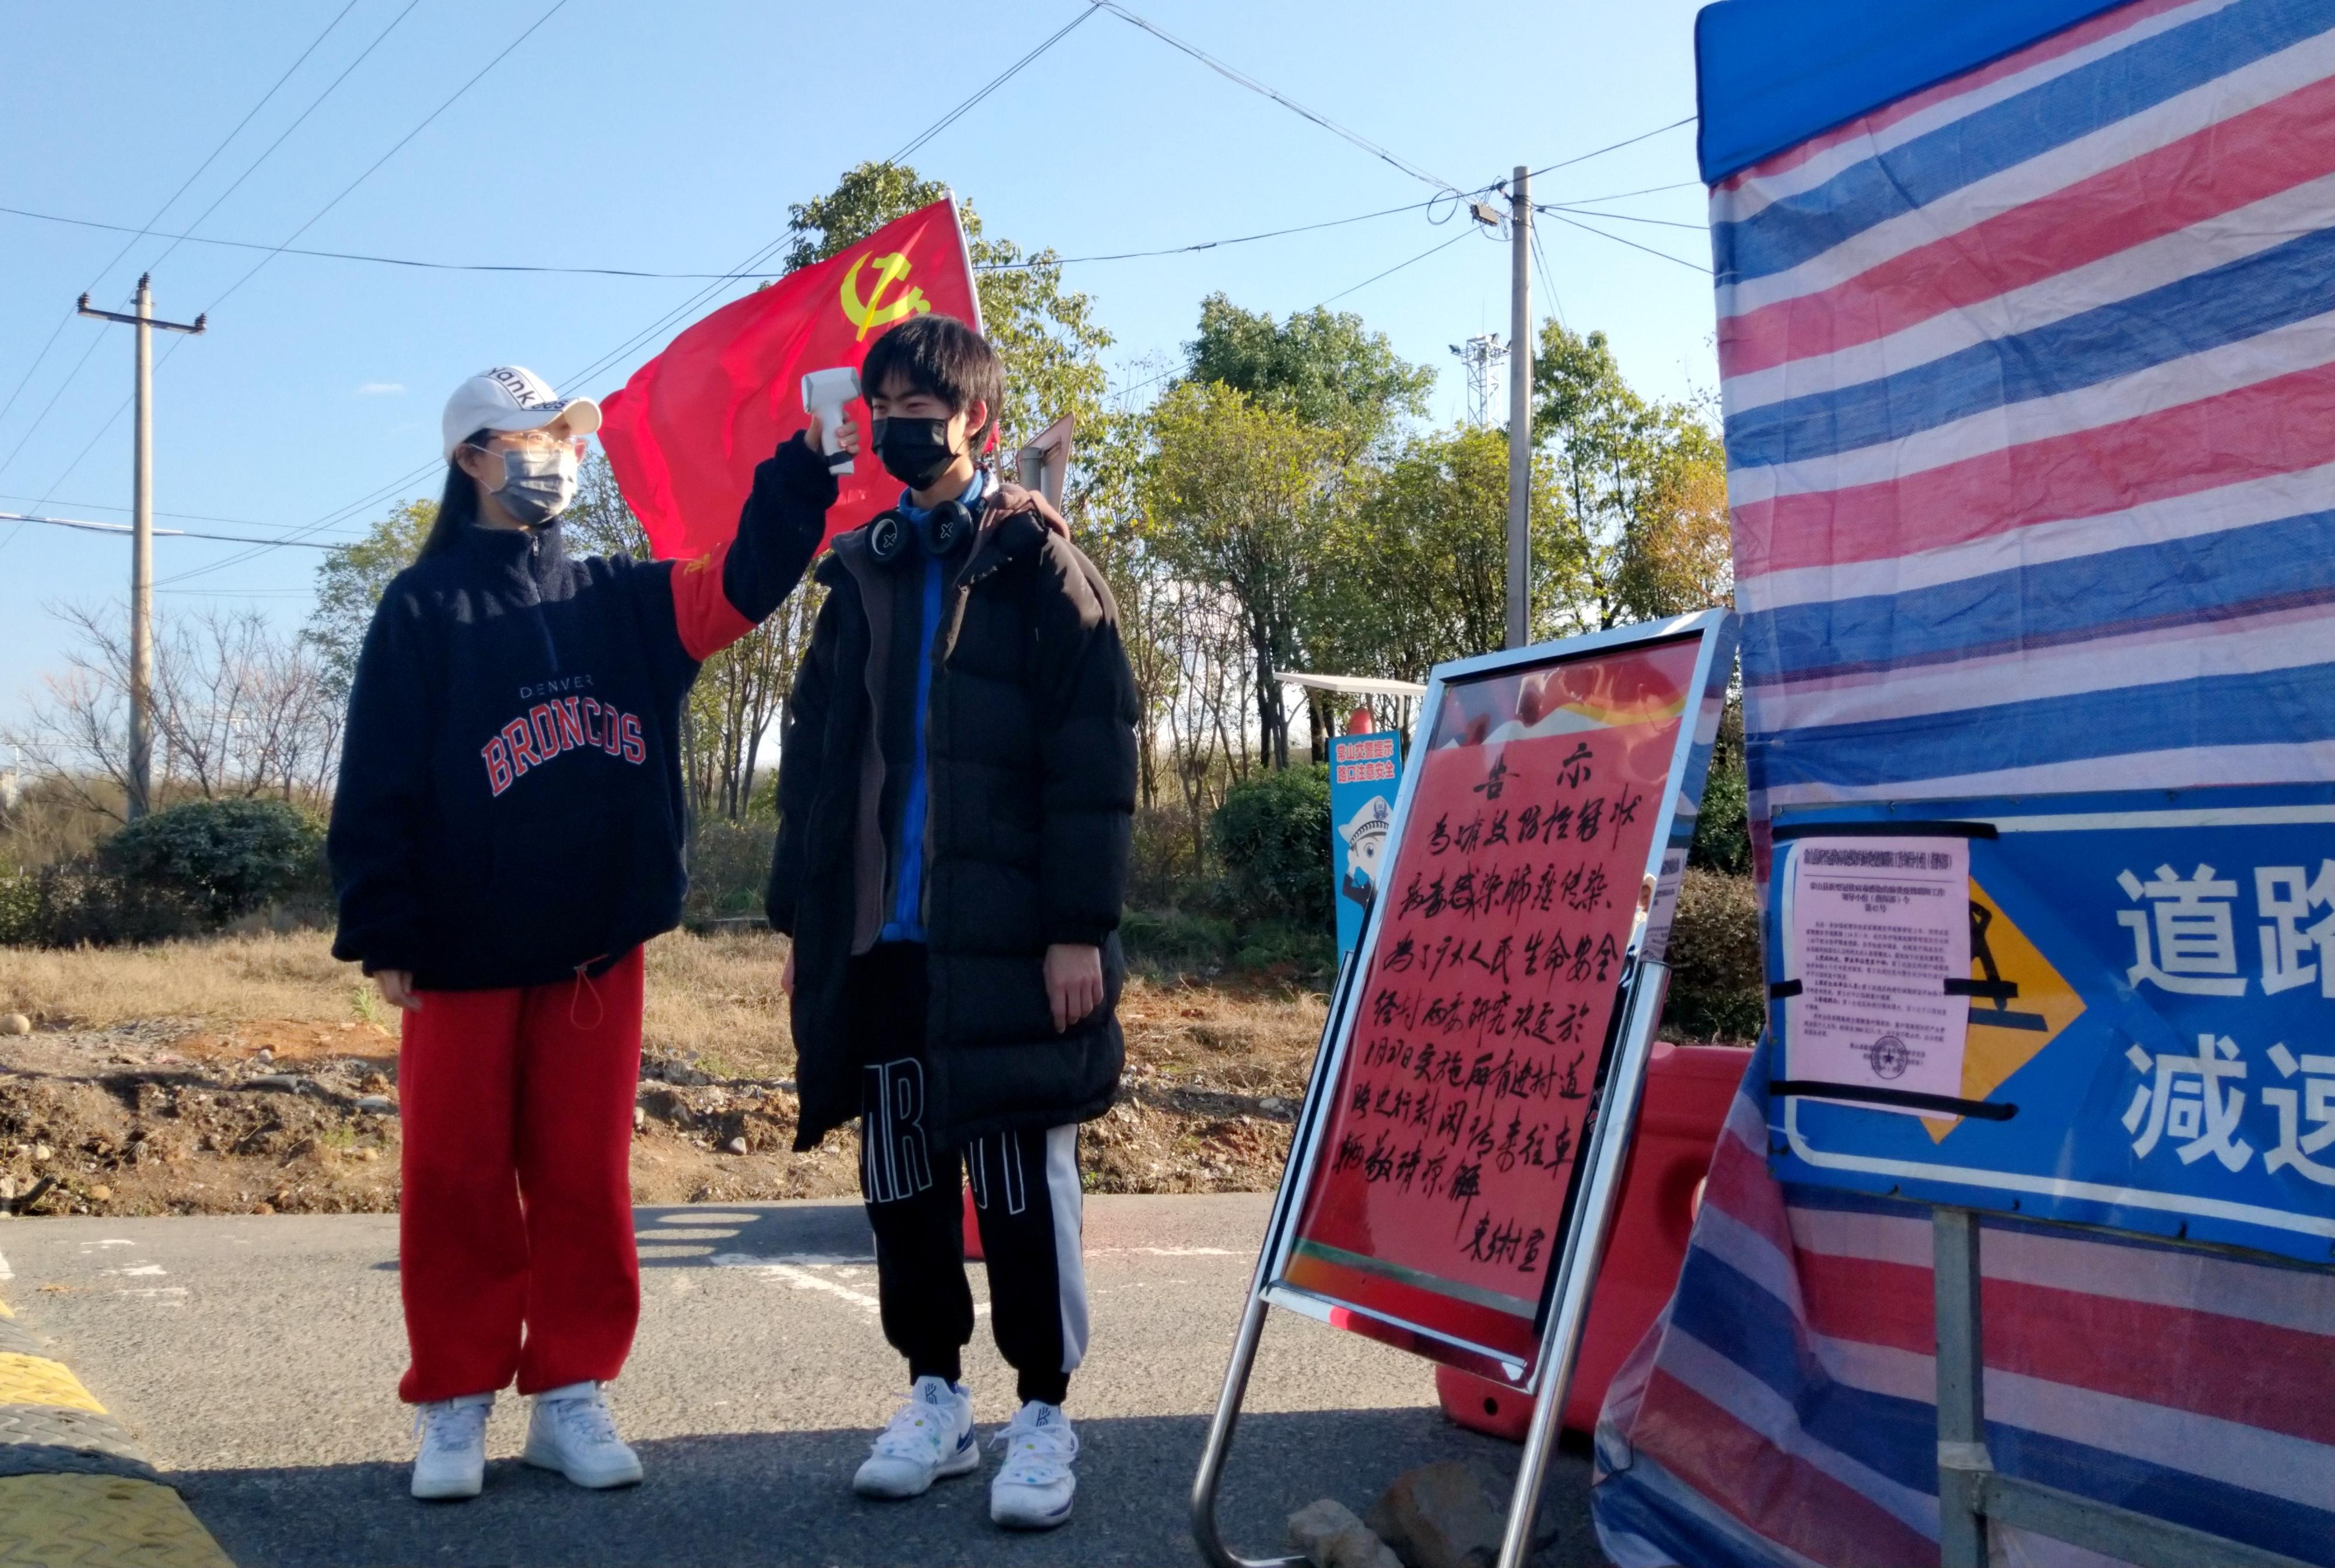 5 文管张之洞班党支部陈丹青在村口给居民测量体温